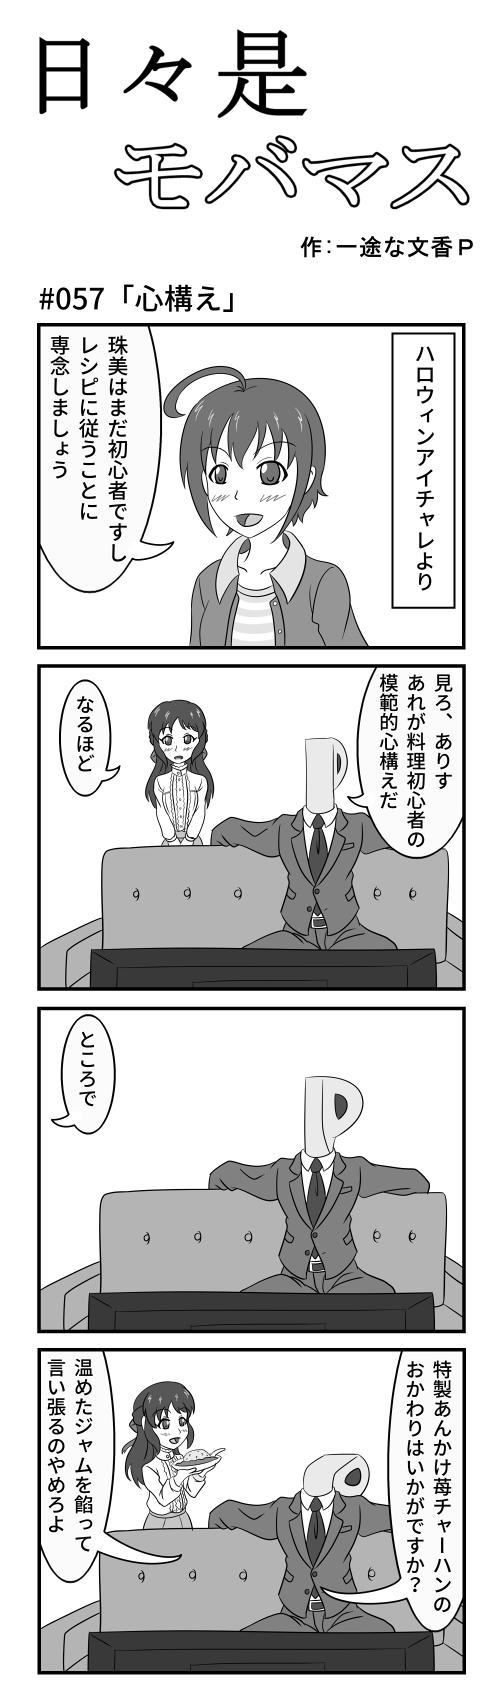 xC70c6m